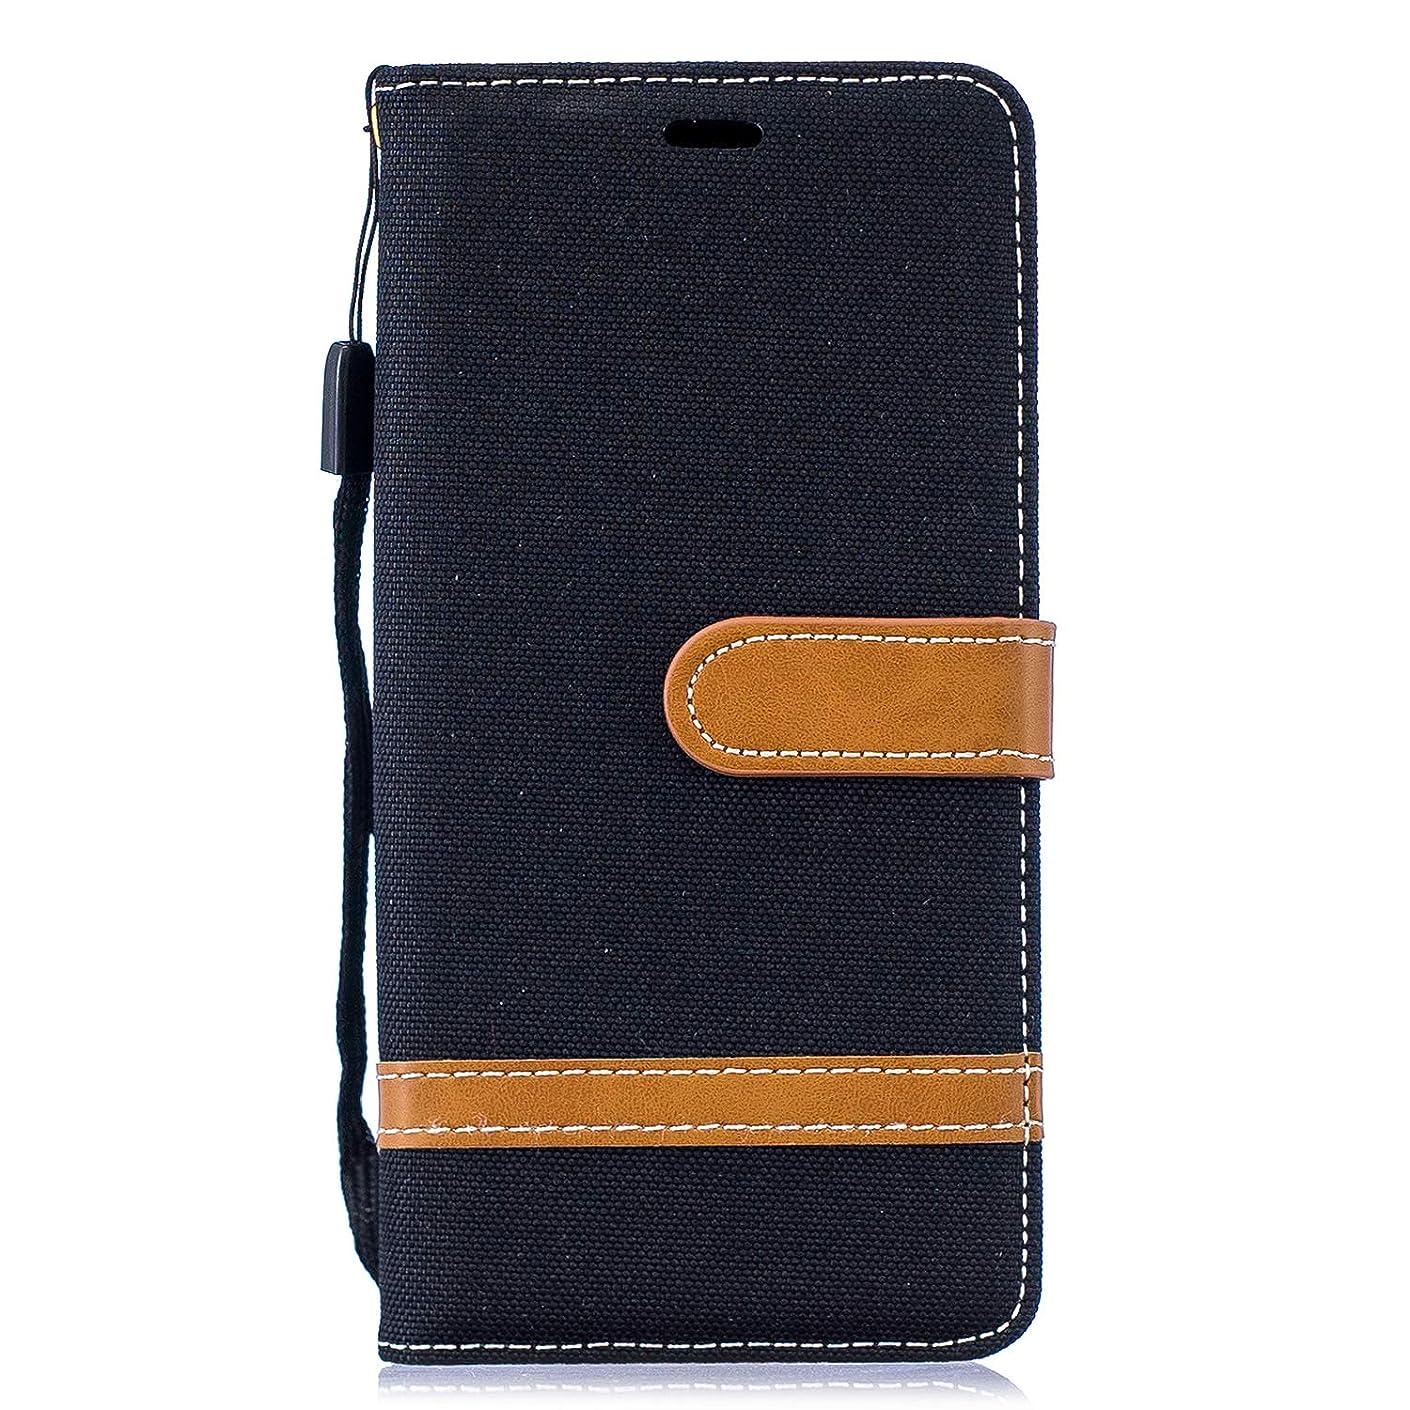 記者の面では理解Lomogo Galaxy S10 ケース 手帳型 耐衝撃 レザーケース 財布型 カードポケット スタンド機能 マグネット式 ギャラクシーS10 手帳型ケース カバー 人気 - LOBFE14103 黒